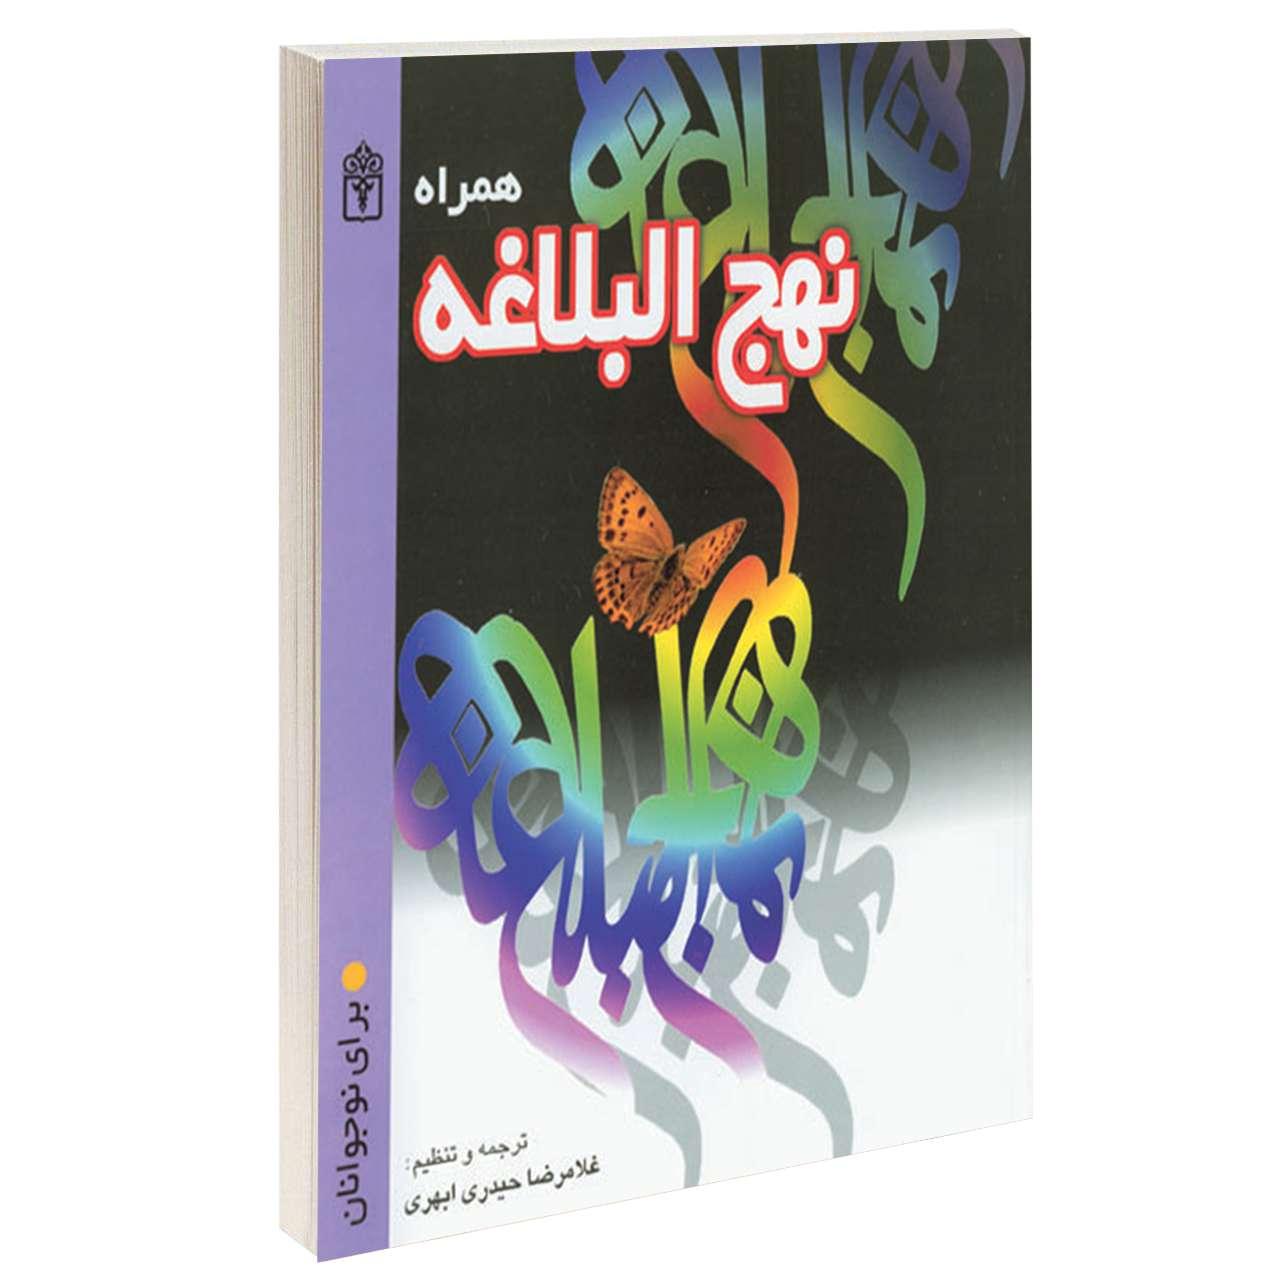 خرید                      کتاب هـمراه نهـج البلاغه اثر غلامرضا حيدری ابهری انتشارات محراب قلم